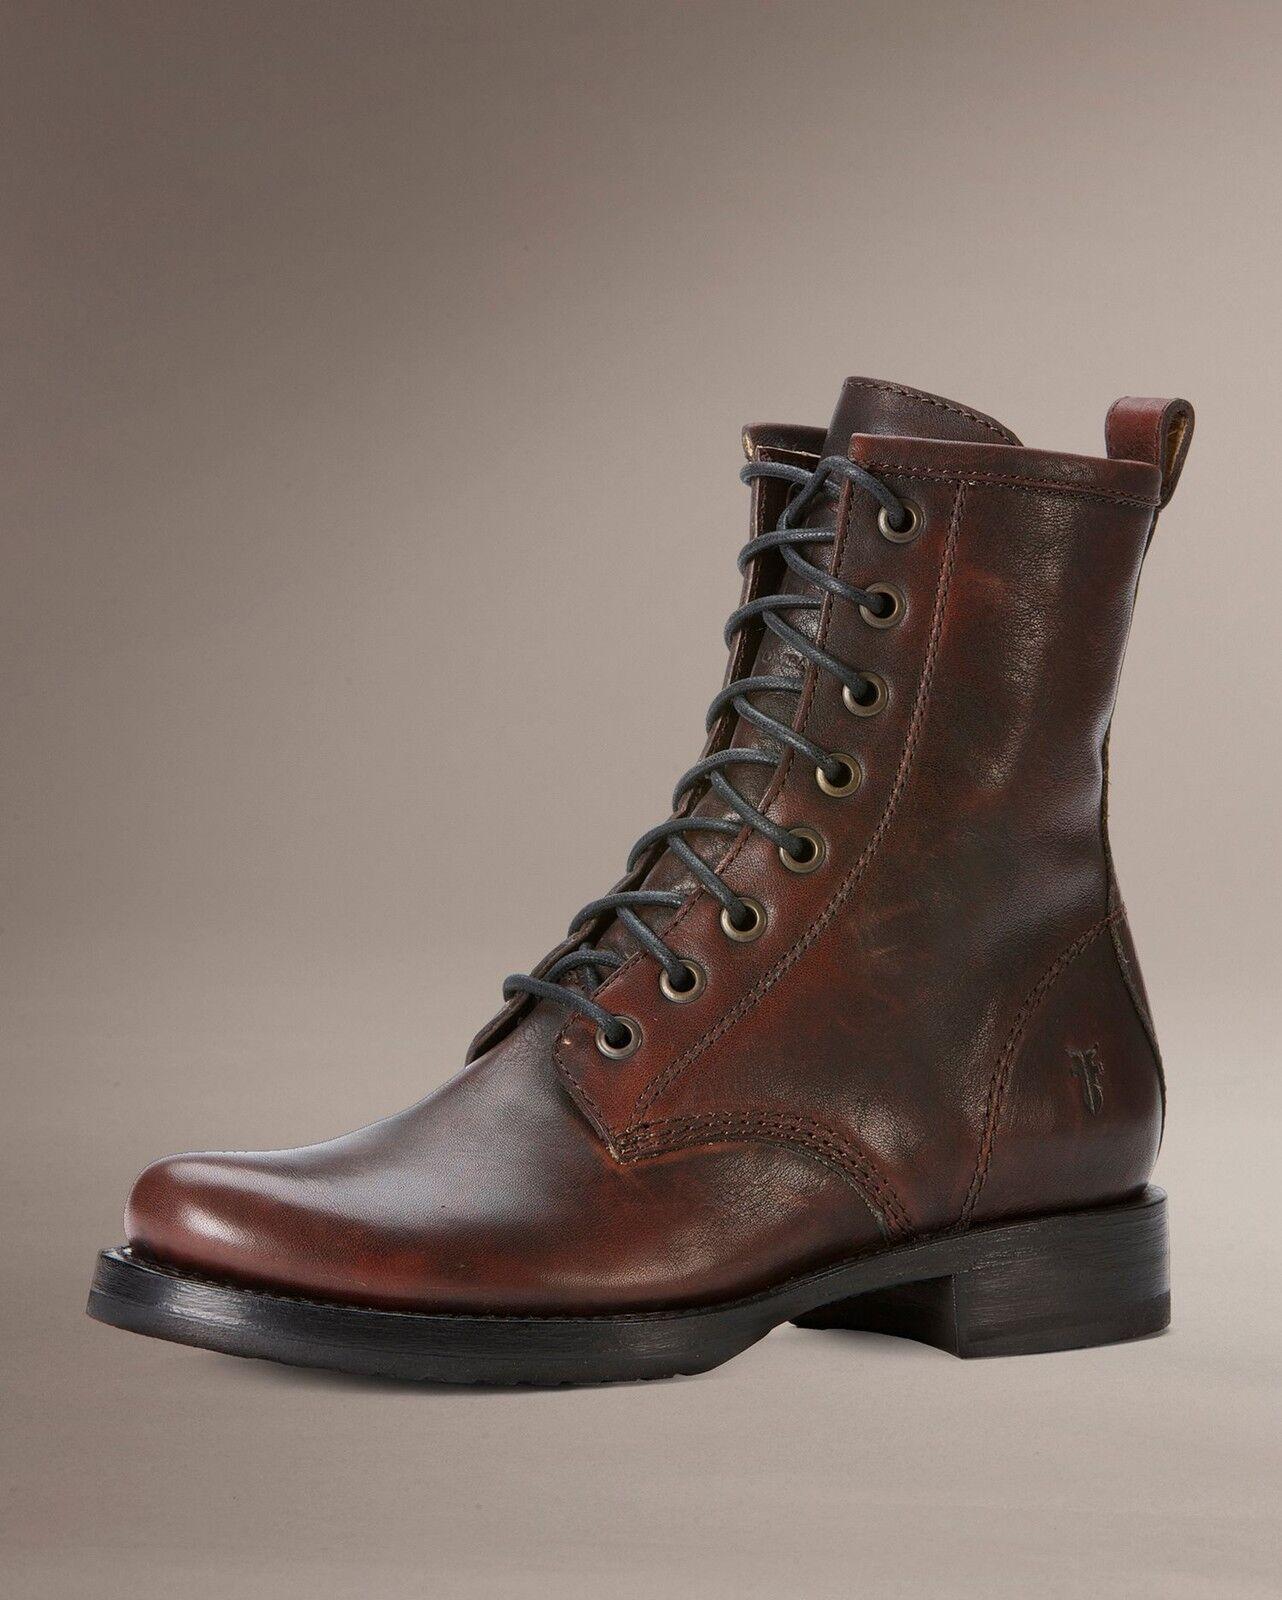 Para Mujer Frye botas Veronica combatir marrón oscuro oscuro oscuro caso omiso de cuero 76270 Dbn  precios al por mayor